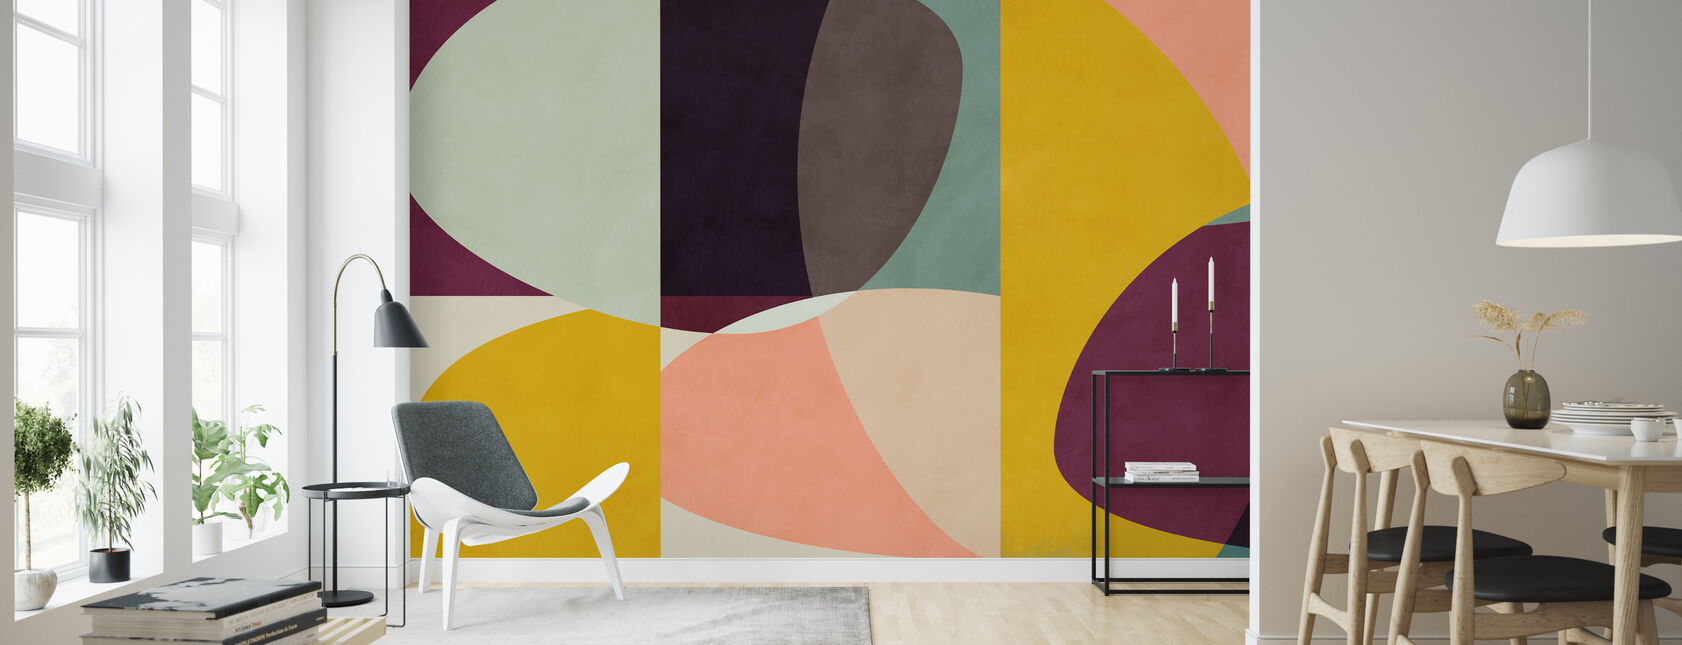 Cercles Mi-Siècle VI - Papier peint - Salle à manger